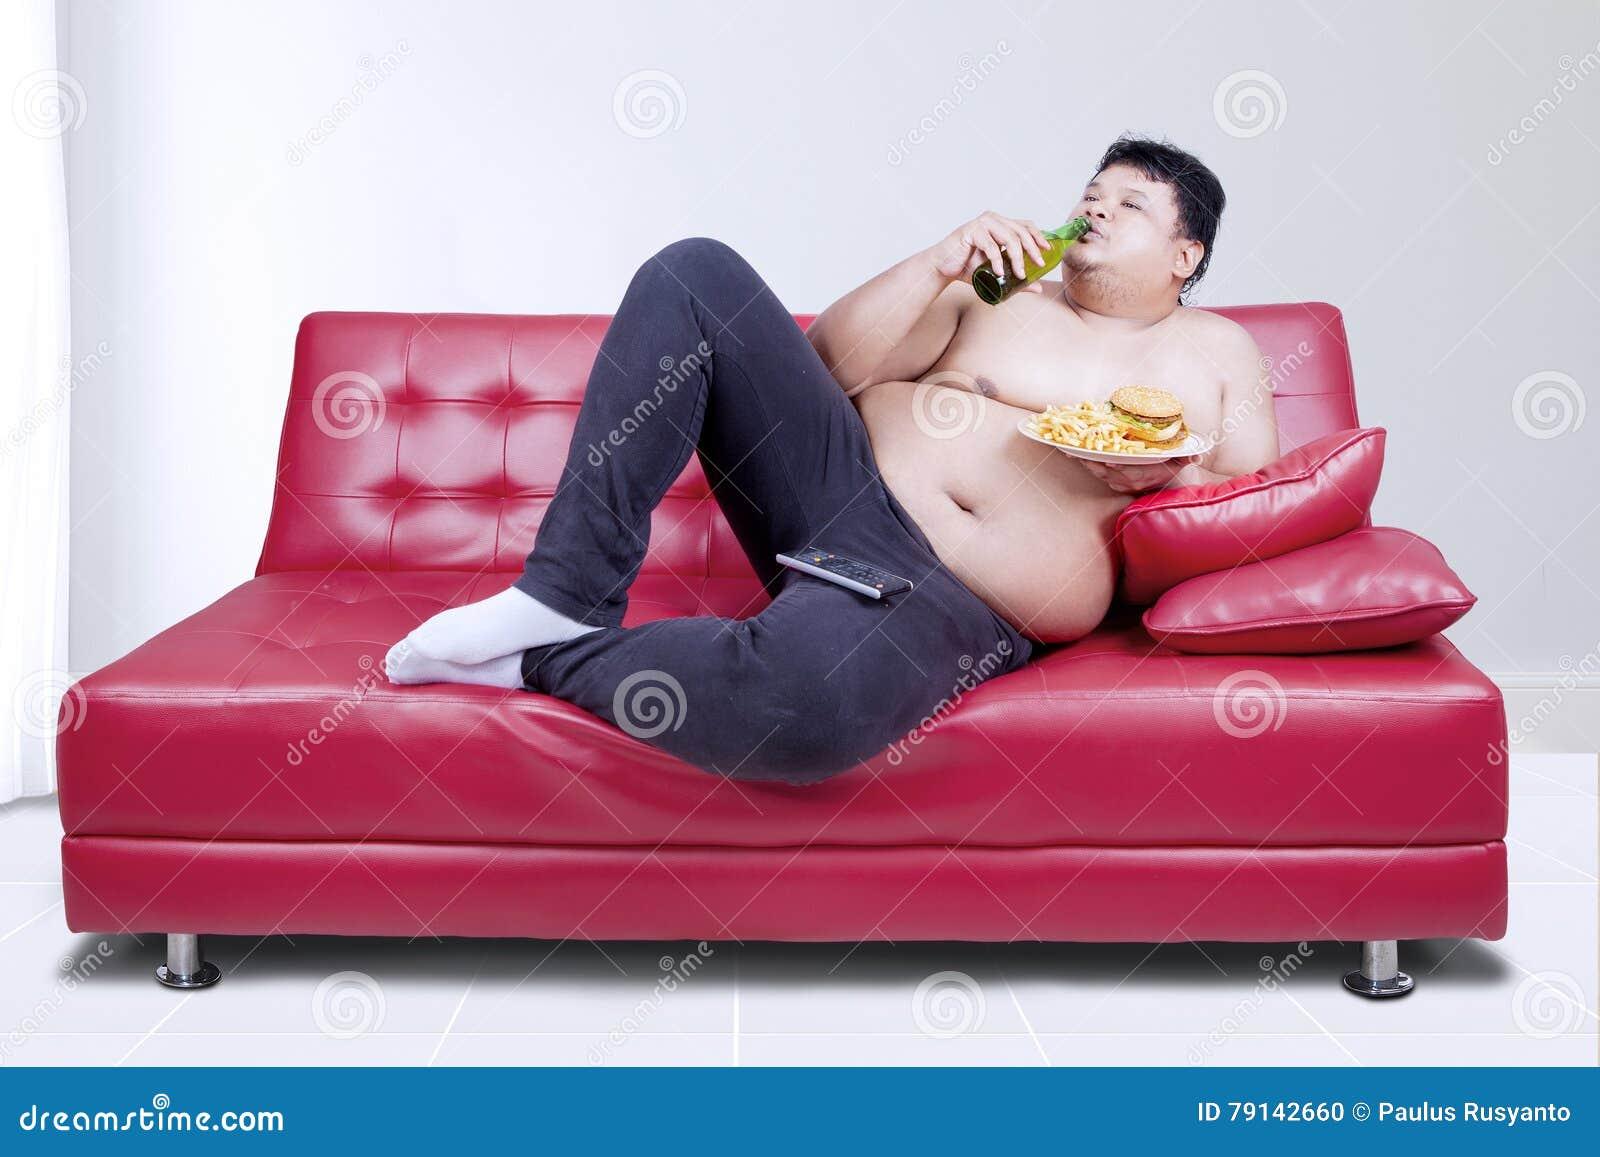 Толстушку трахнули рукой, Толстушки, толстые жирные женщины Смотреть 230 25 фотография